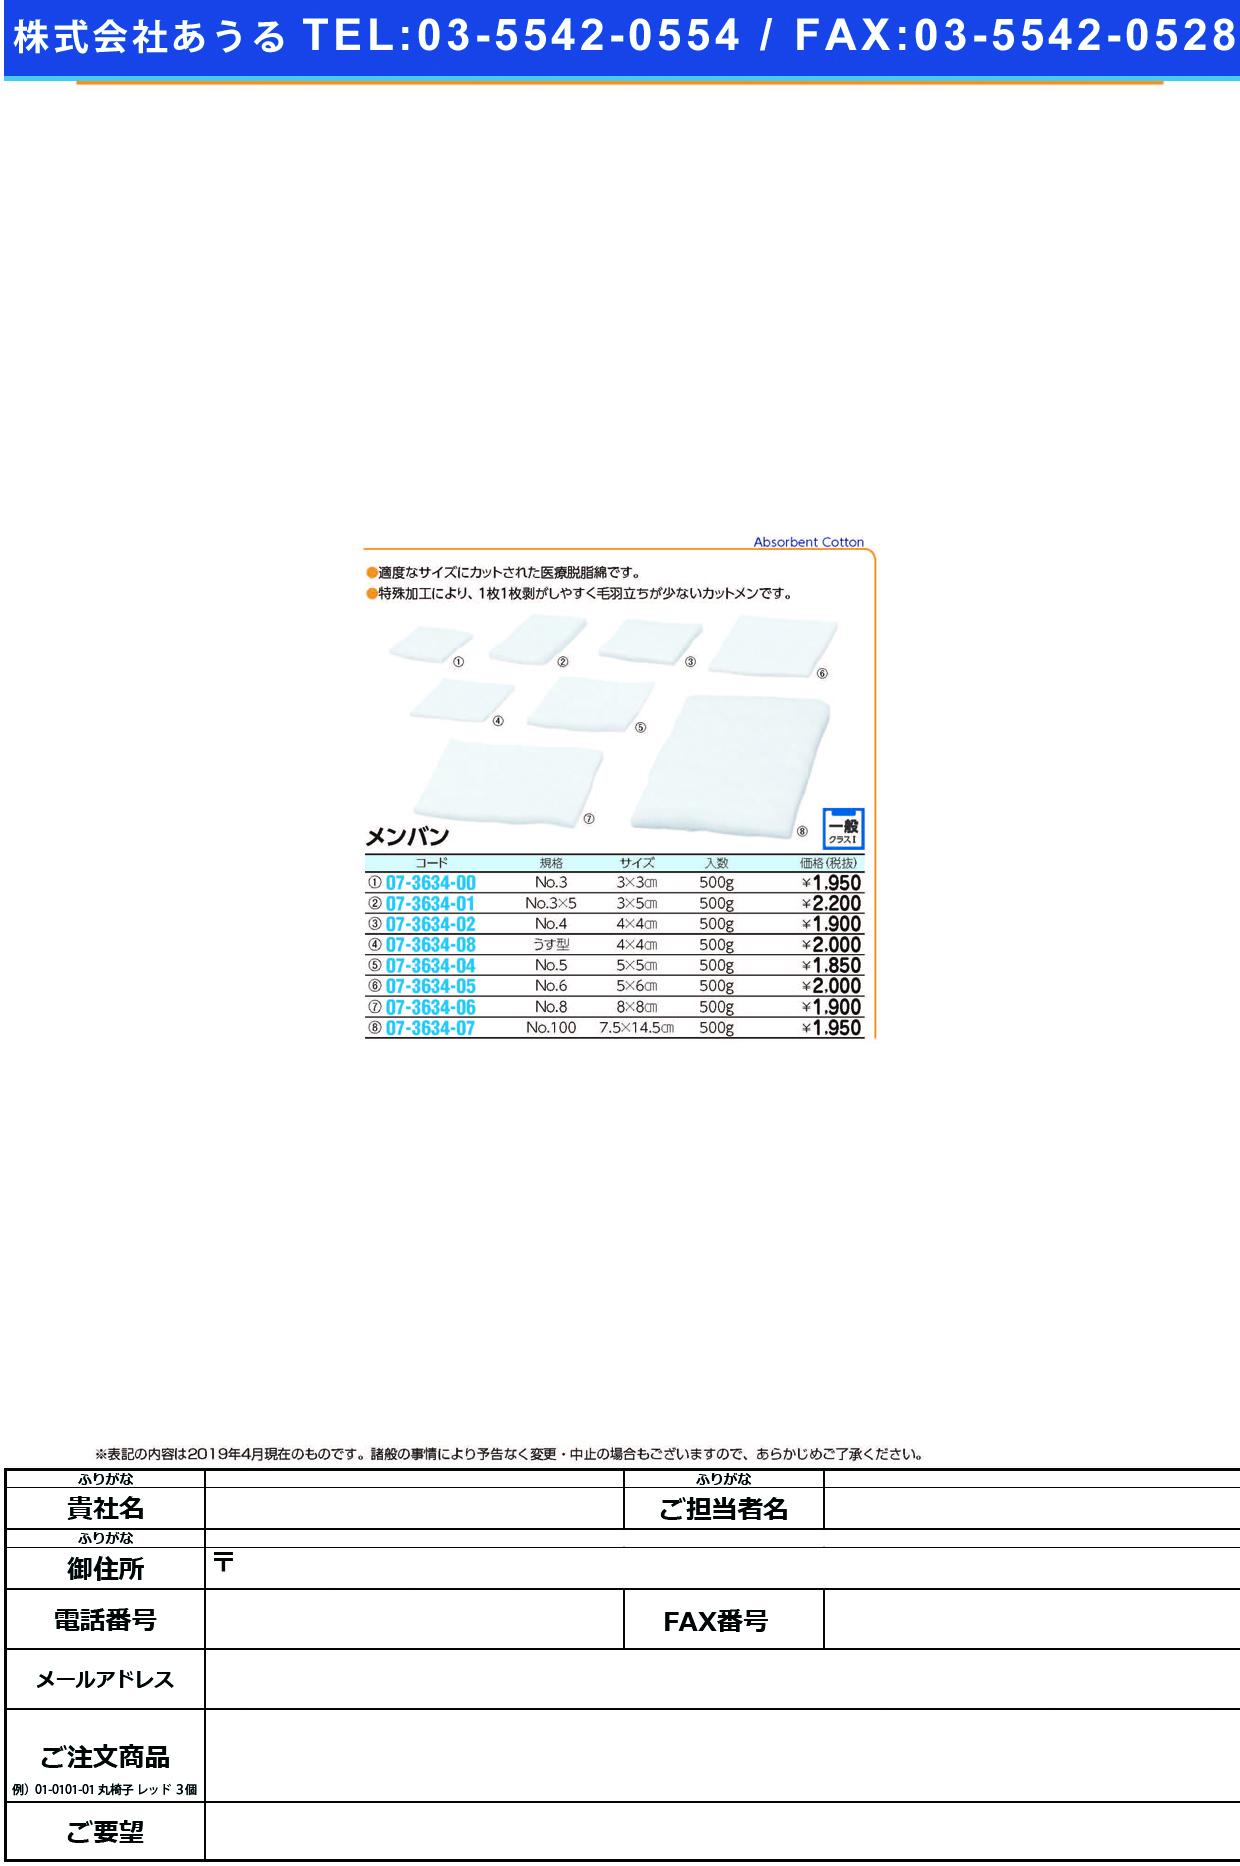 (07-3634-00)メンバン(カット綿)No.3 11370(3X3CM)500G メンバンNO.3(白十字)【1箱単位】【2019年カタログ商品】